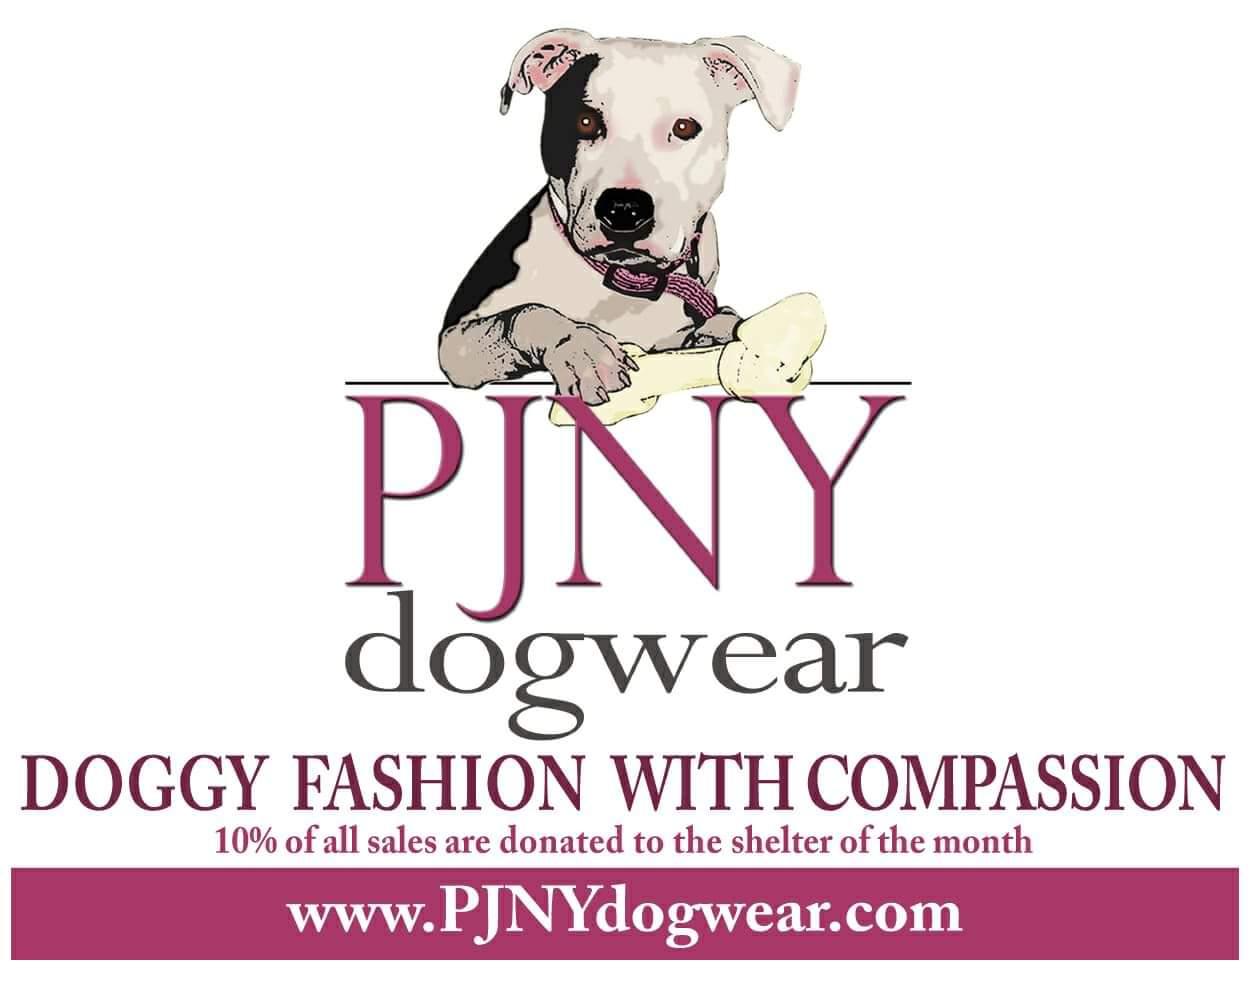 http://www.pjnydogwear.com/